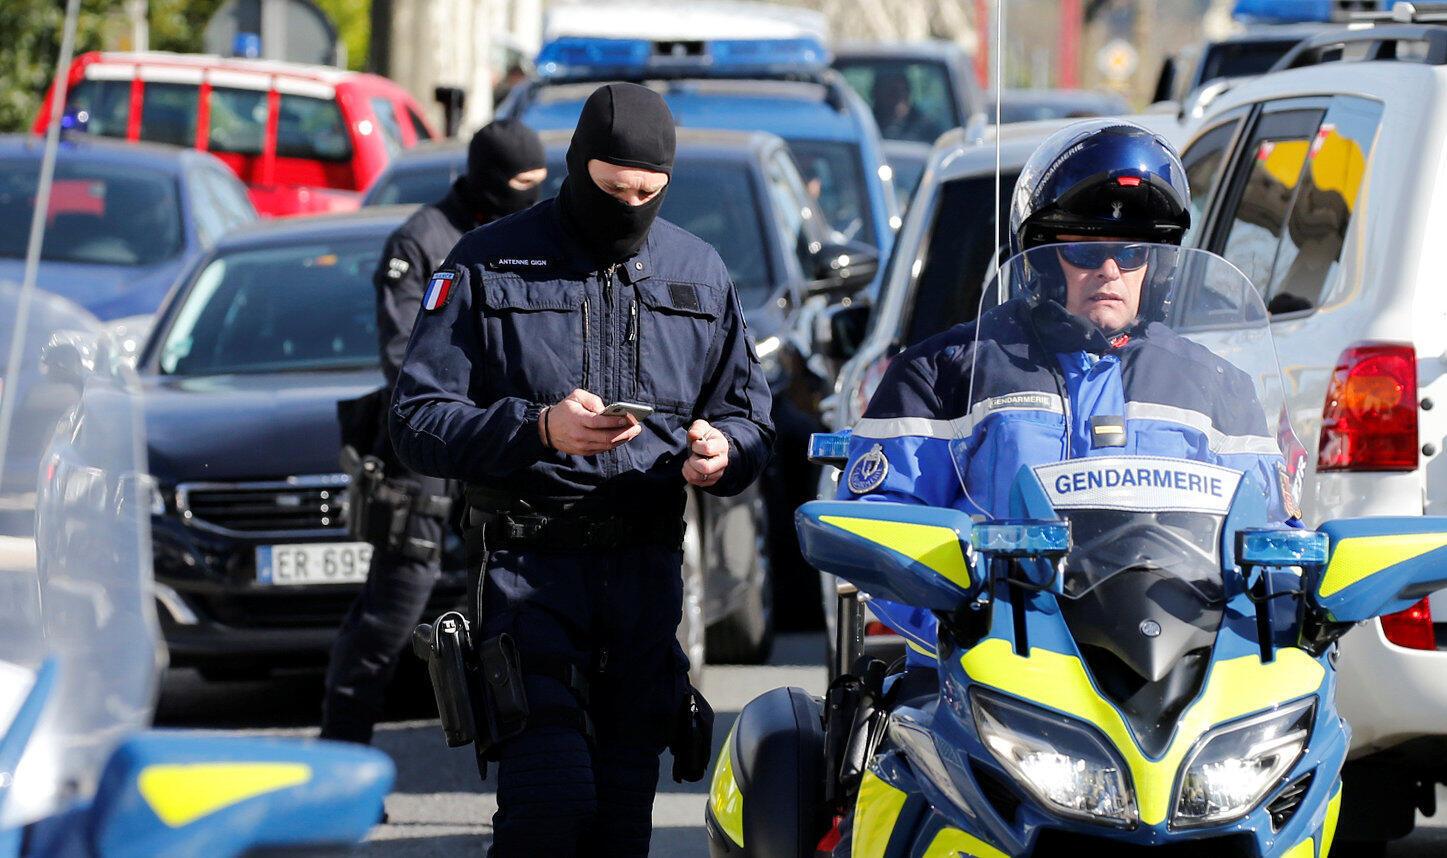 Спецназовец и жандарм недалеко от супермаркета в городе Треб на юге Франции, где произошел захват заложников, 23 марта 2018 г.